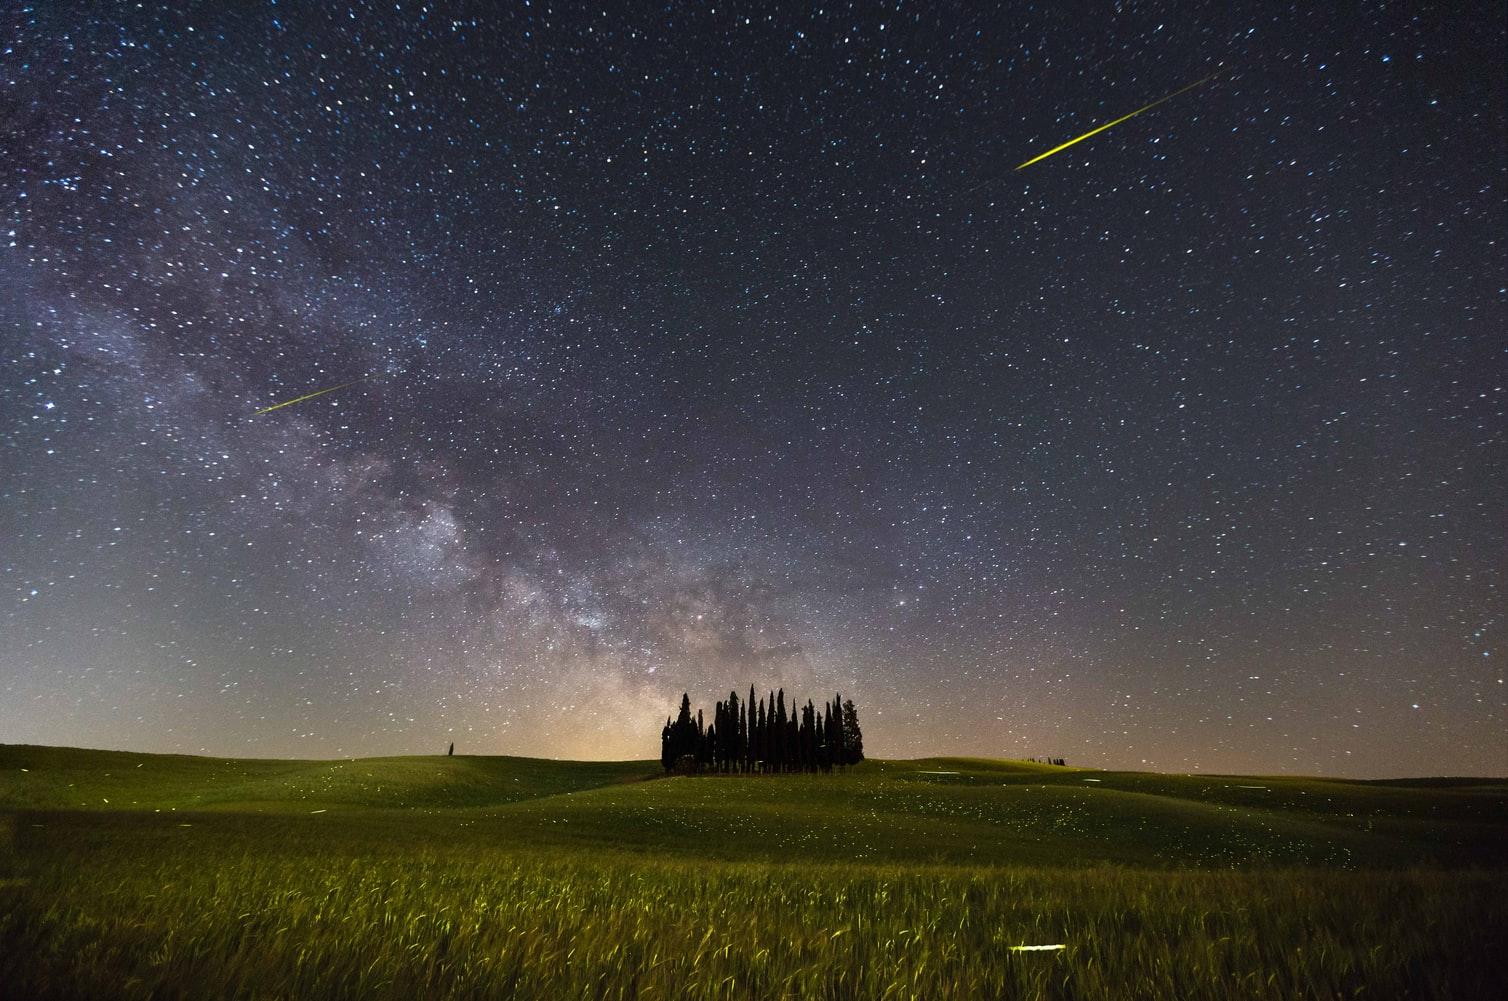 Kometa na obloze